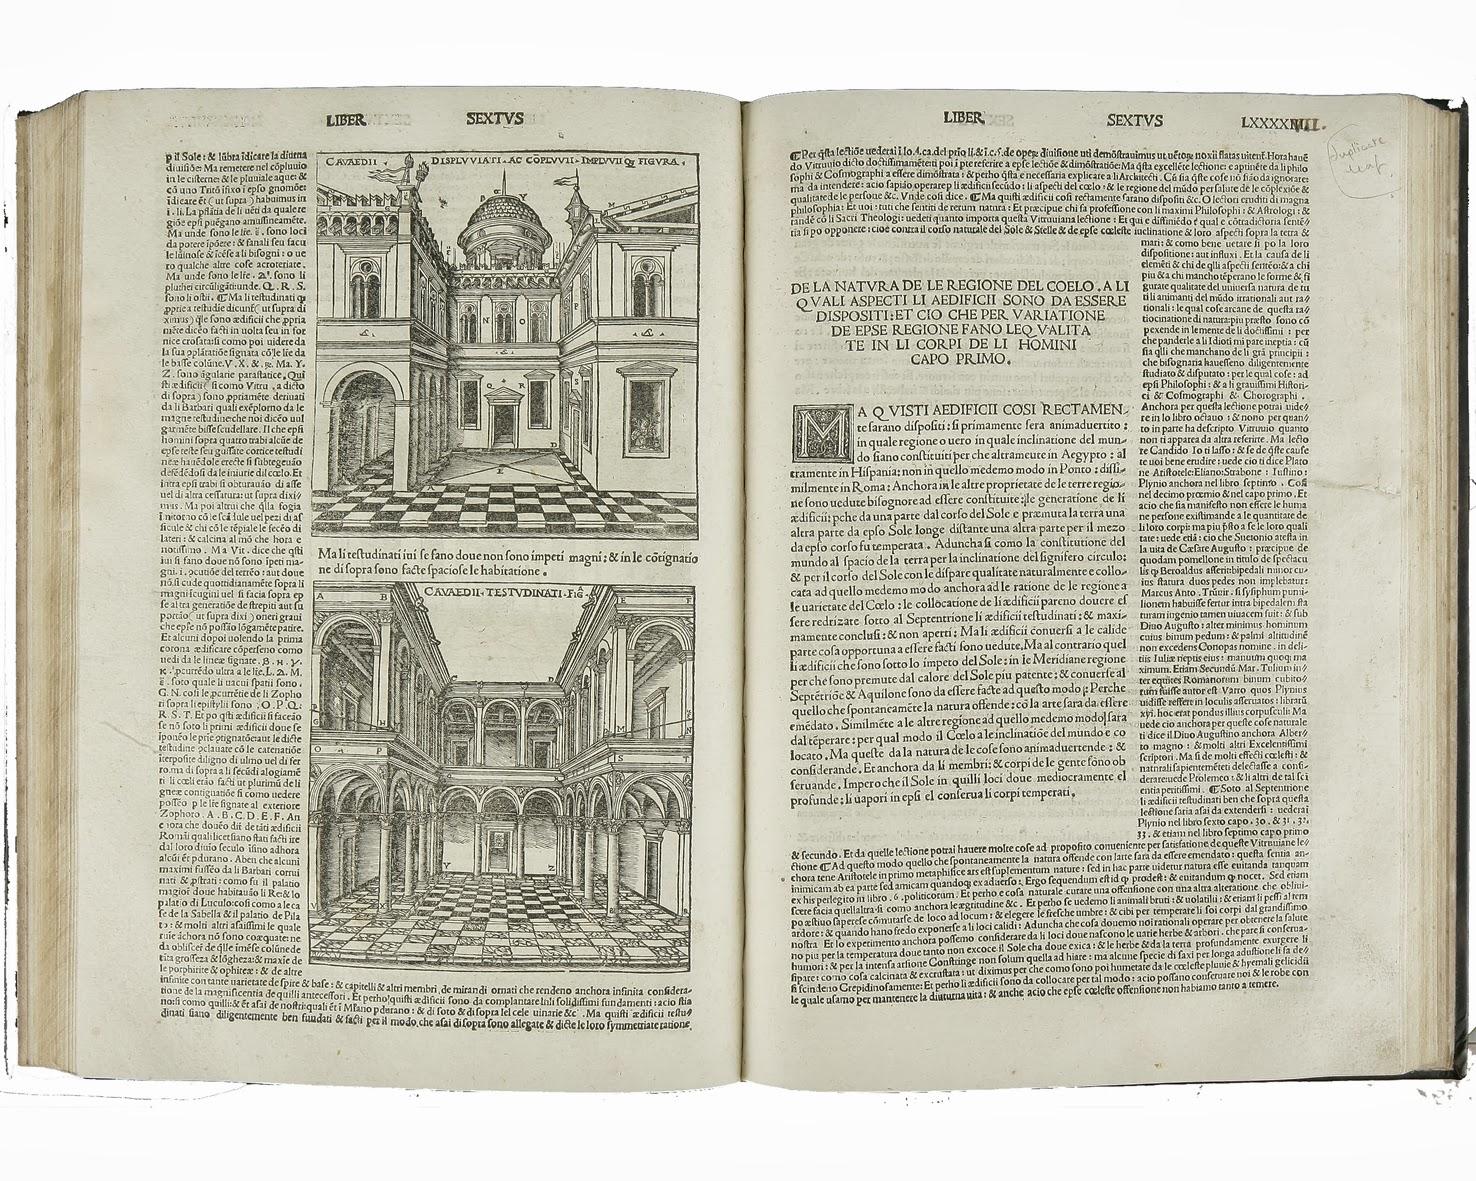 Arte y arquitectura vitruvio y sus 10 libros de for Libro de dimensiones arquitectura